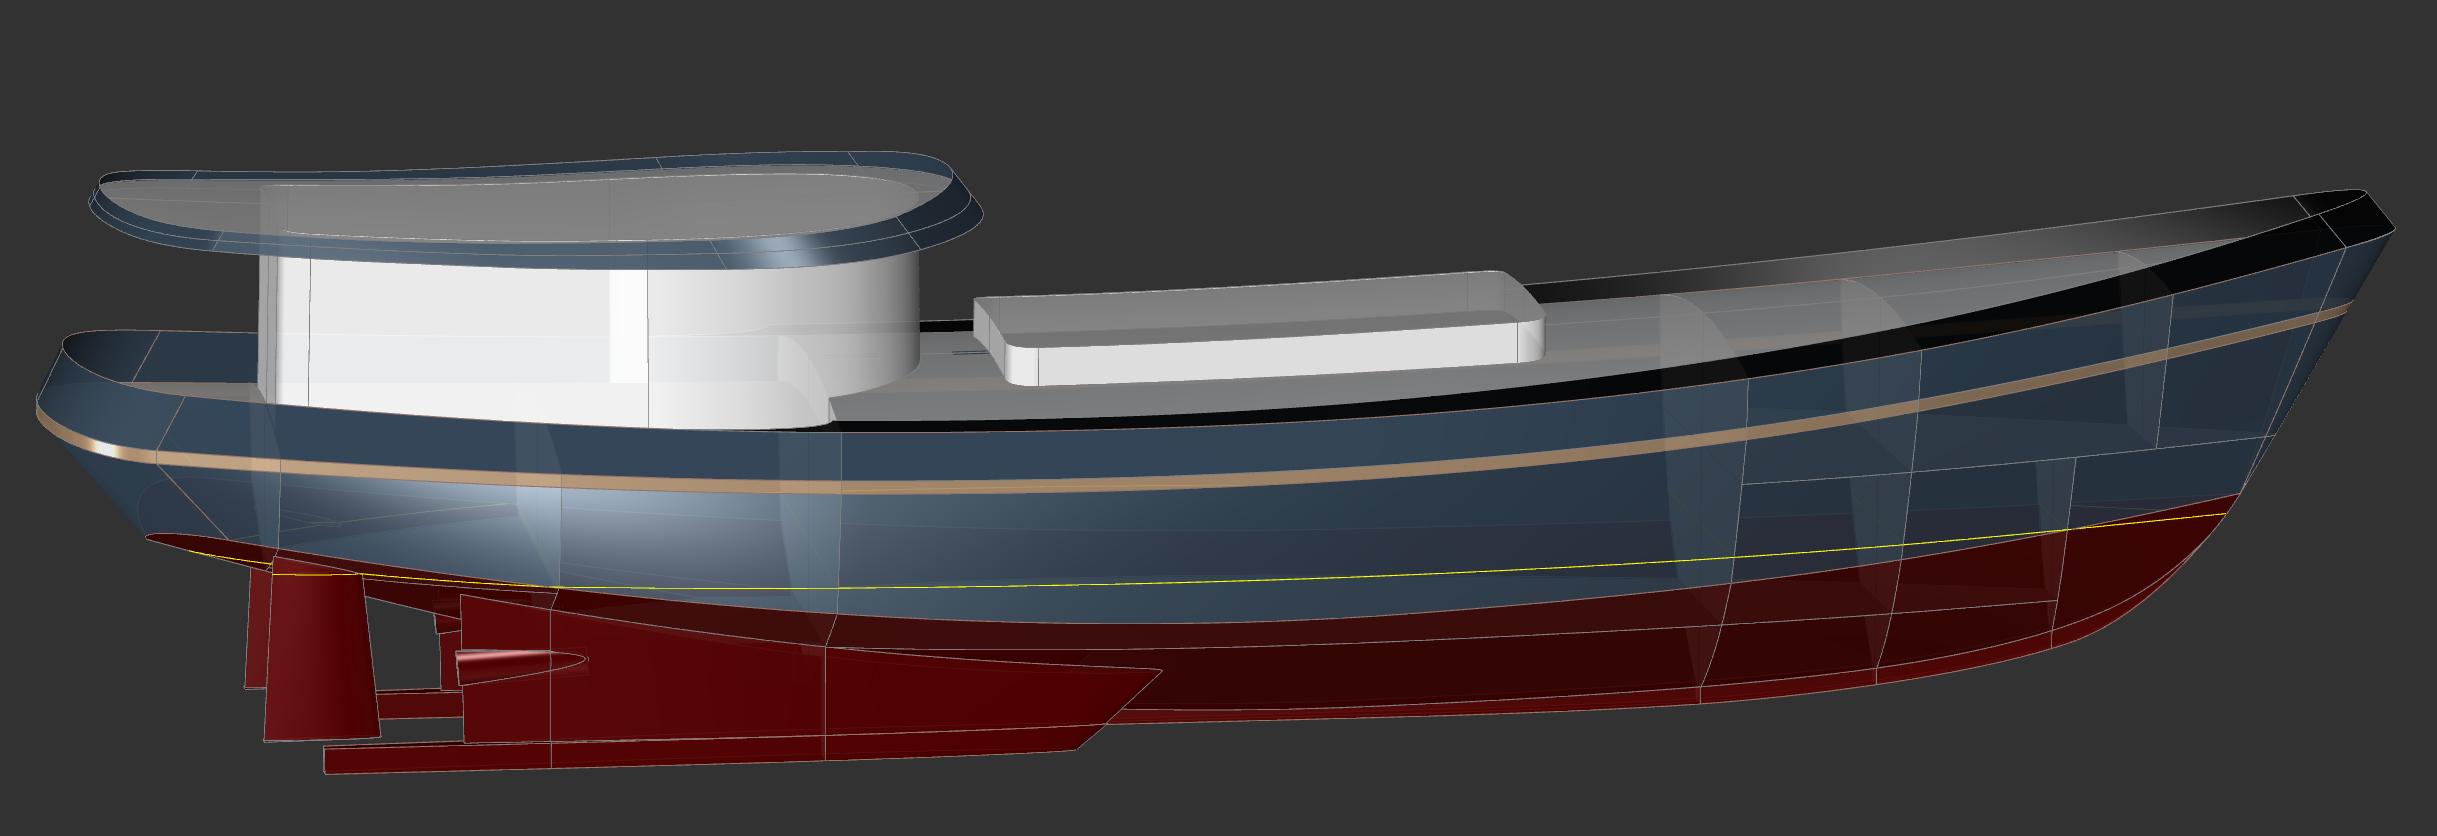 120' Cargo Yacht - Kasten Marine Design